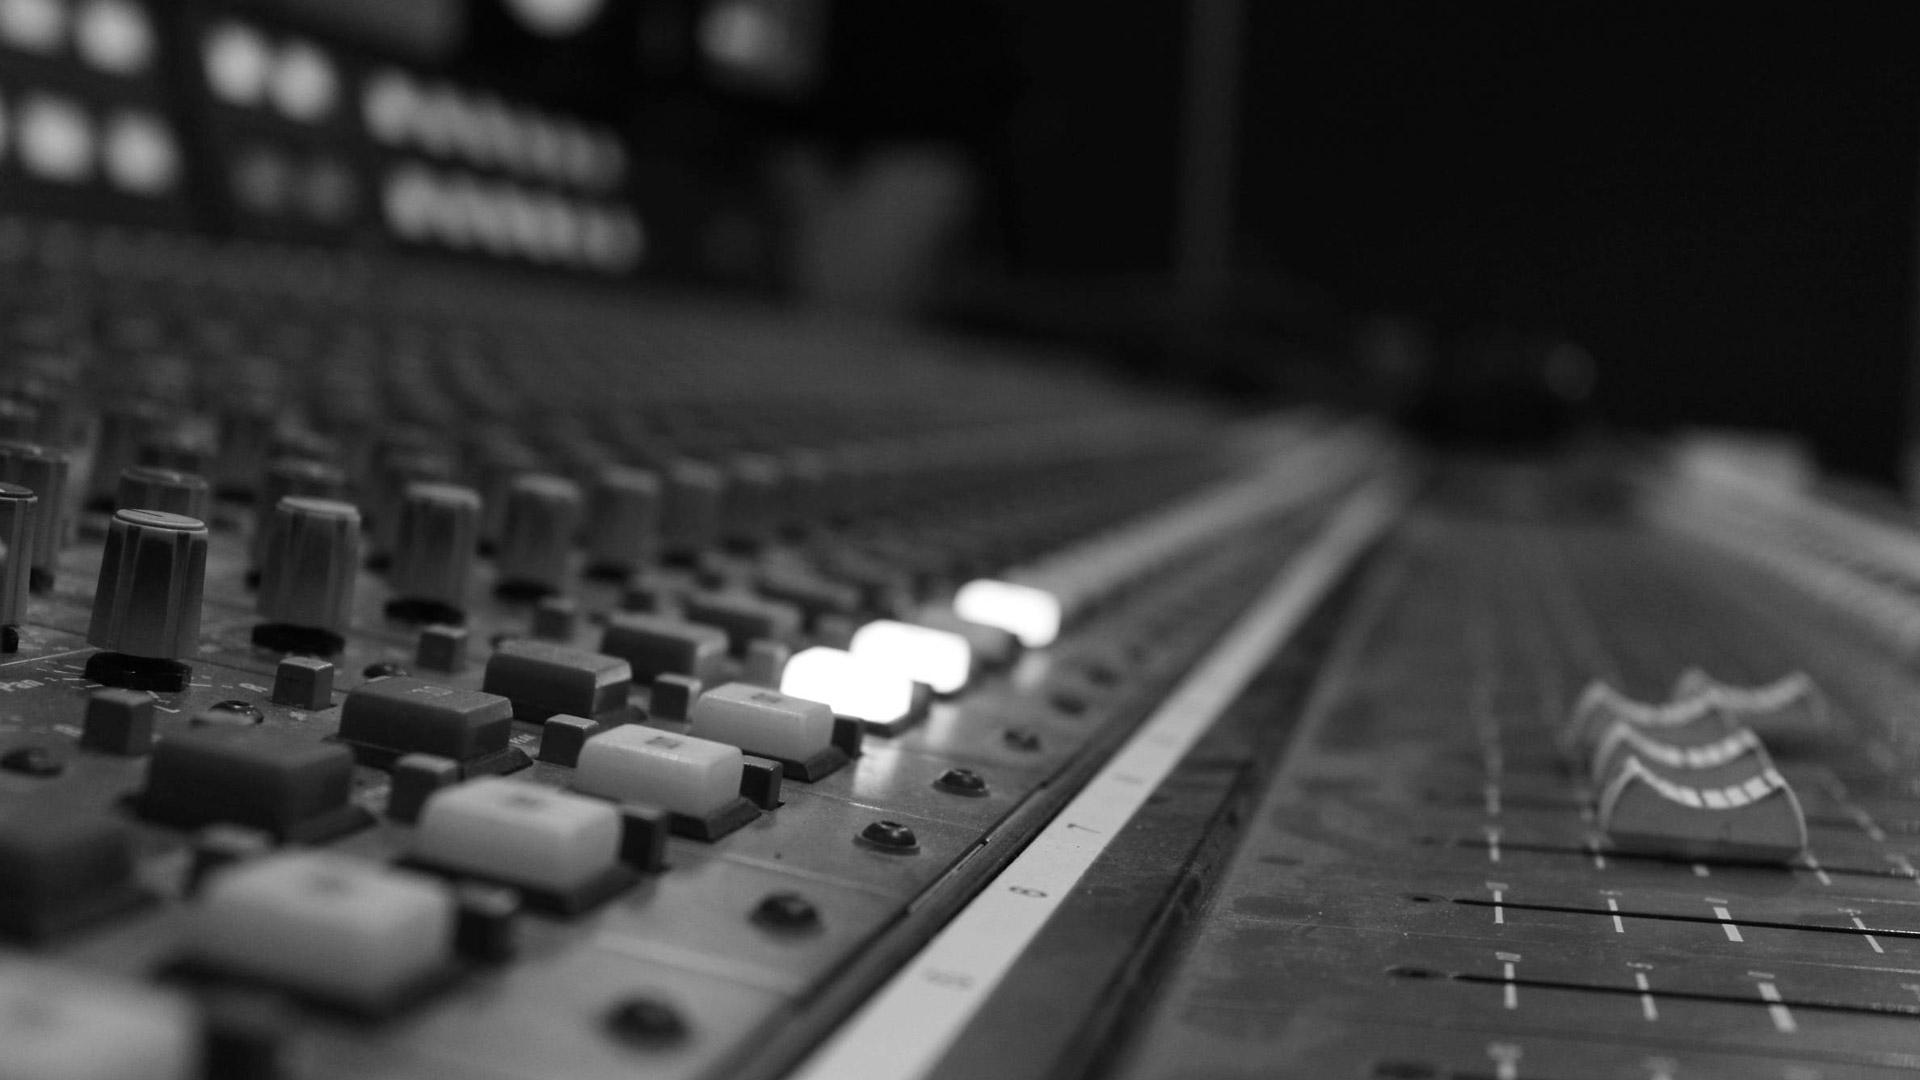 alquiler de equipos de sonido e iluminaci n profesional